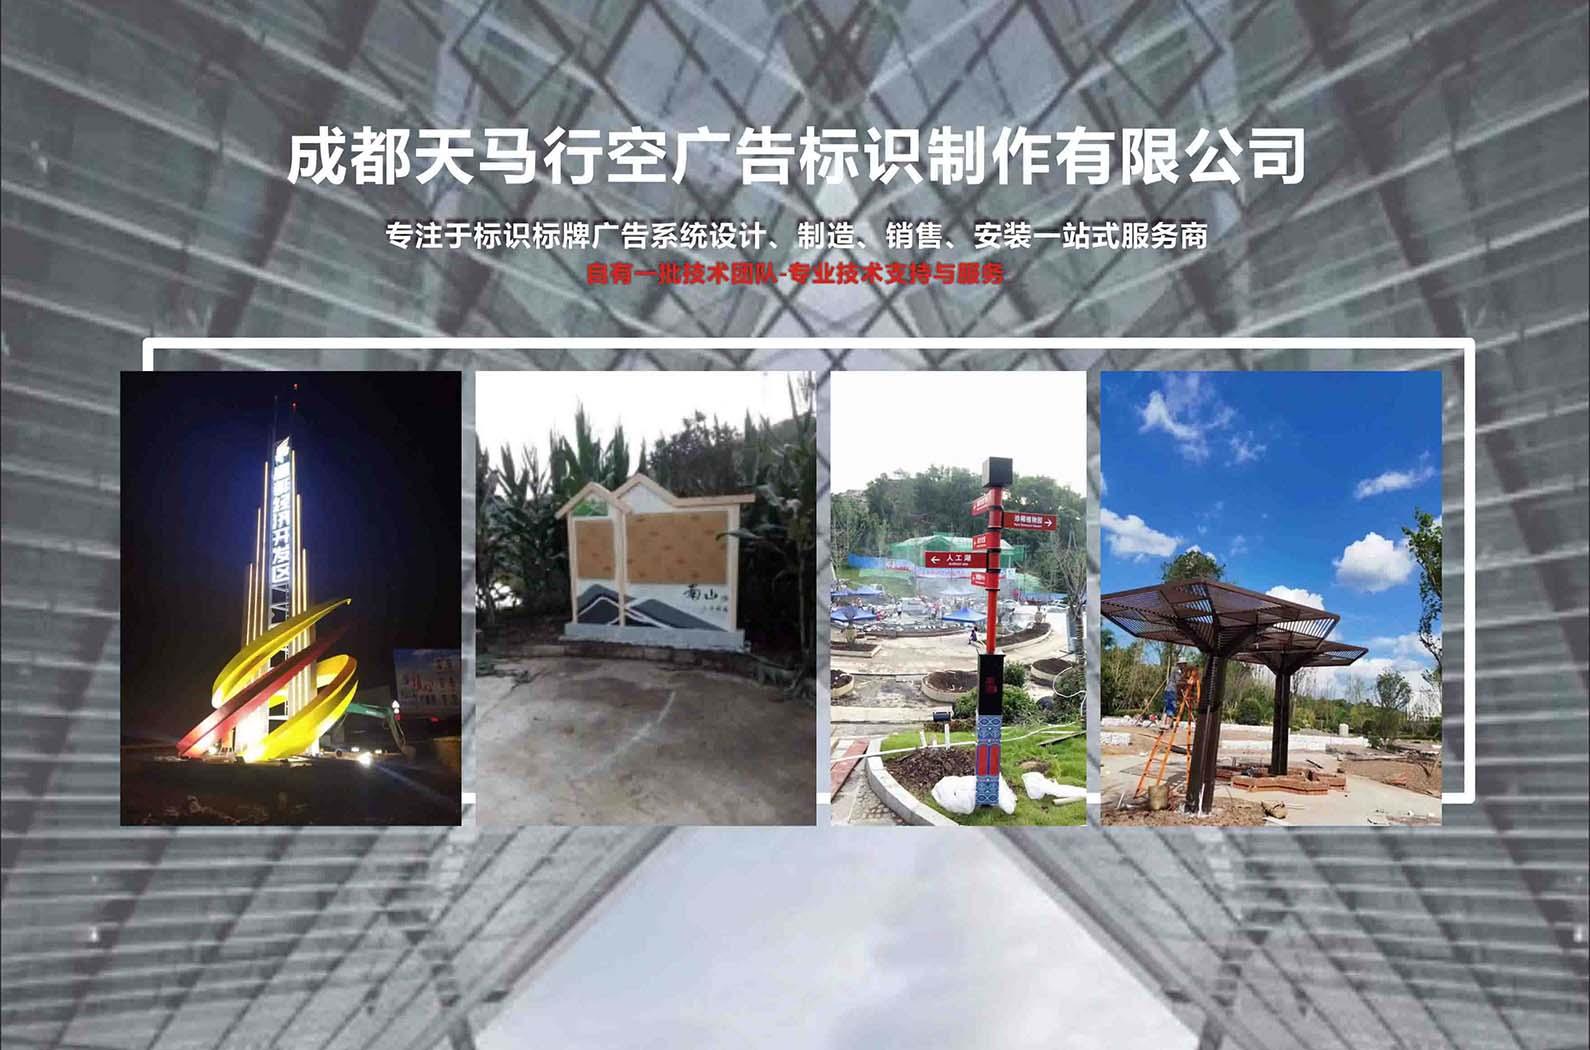 四川公园导视生产厂家 成都公园导视生产厂